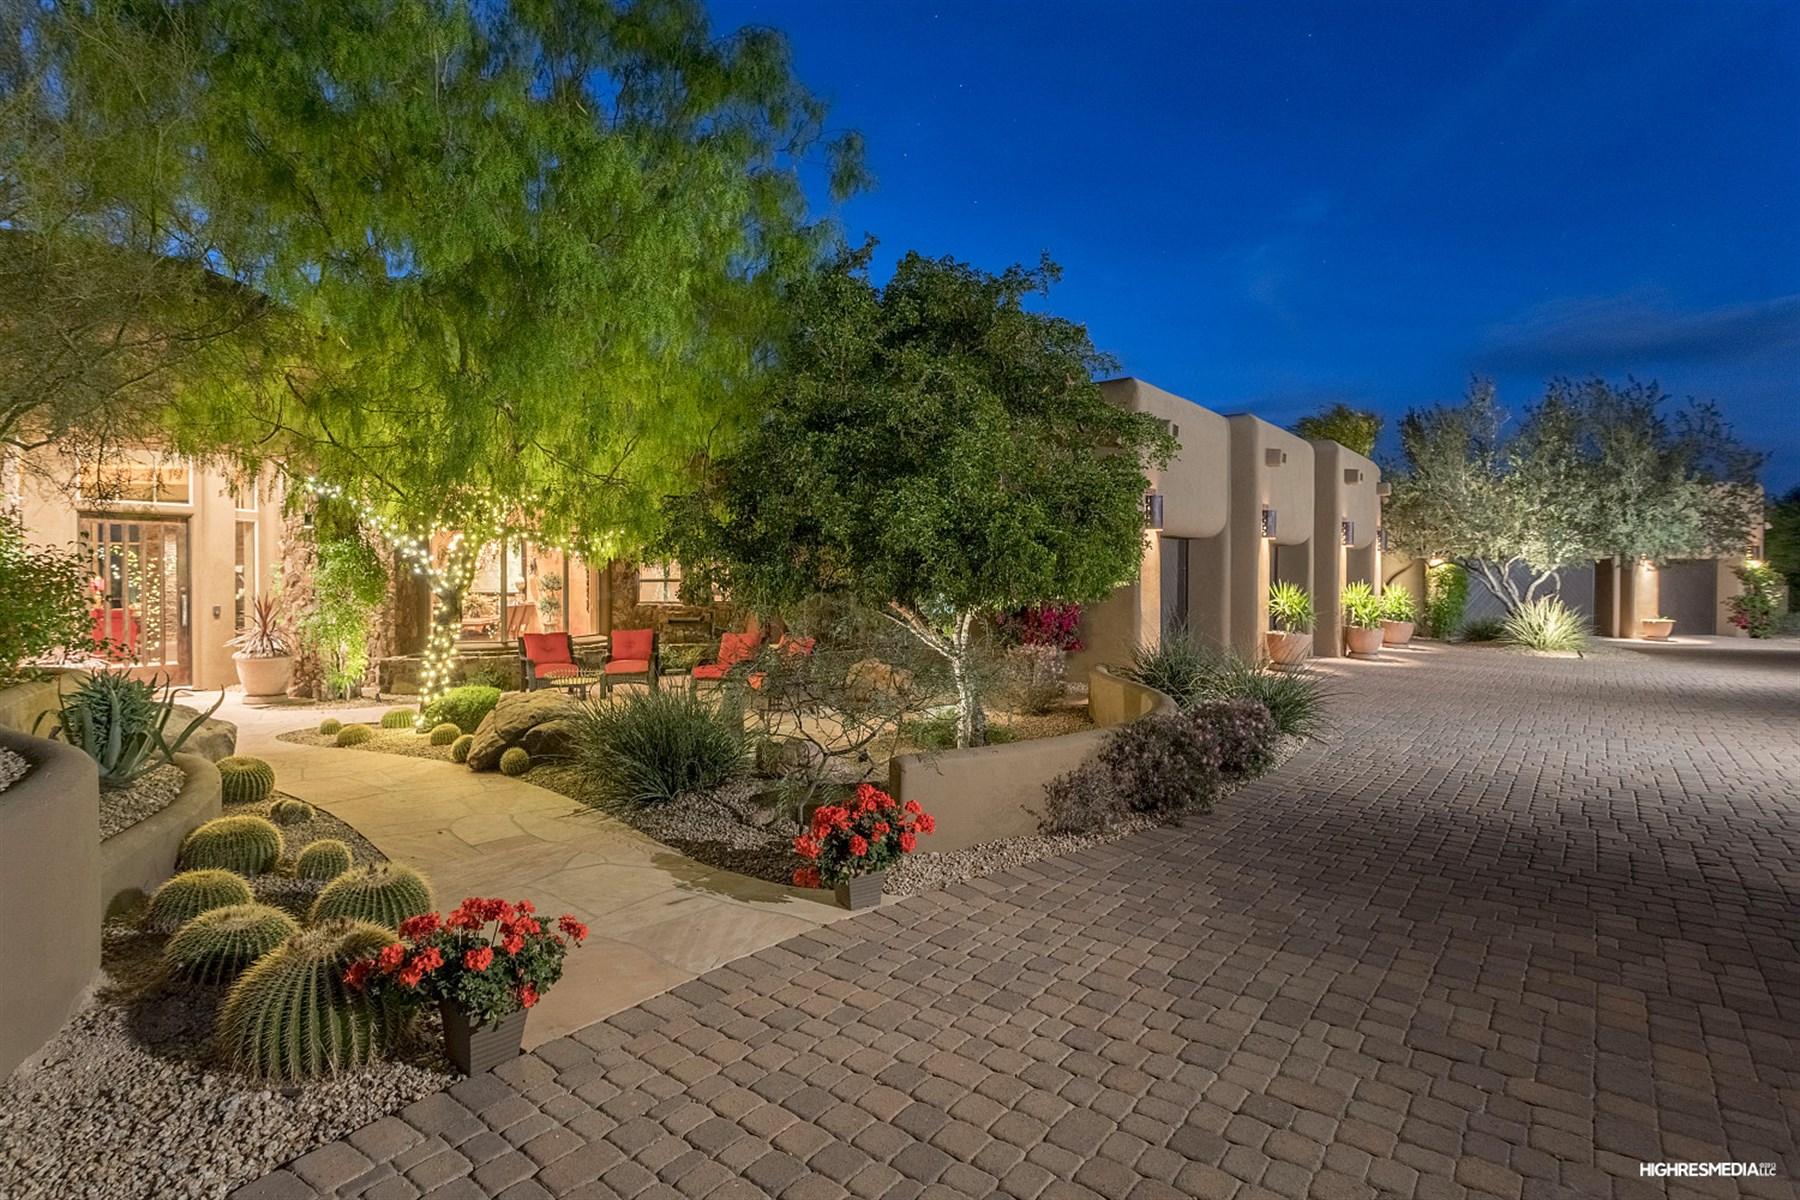 獨棟家庭住宅 為 出售 在 Beautiful desert retreat 24200 N Alma School Rd 23 Scottsdale, 亞利桑那州, 85255 美國